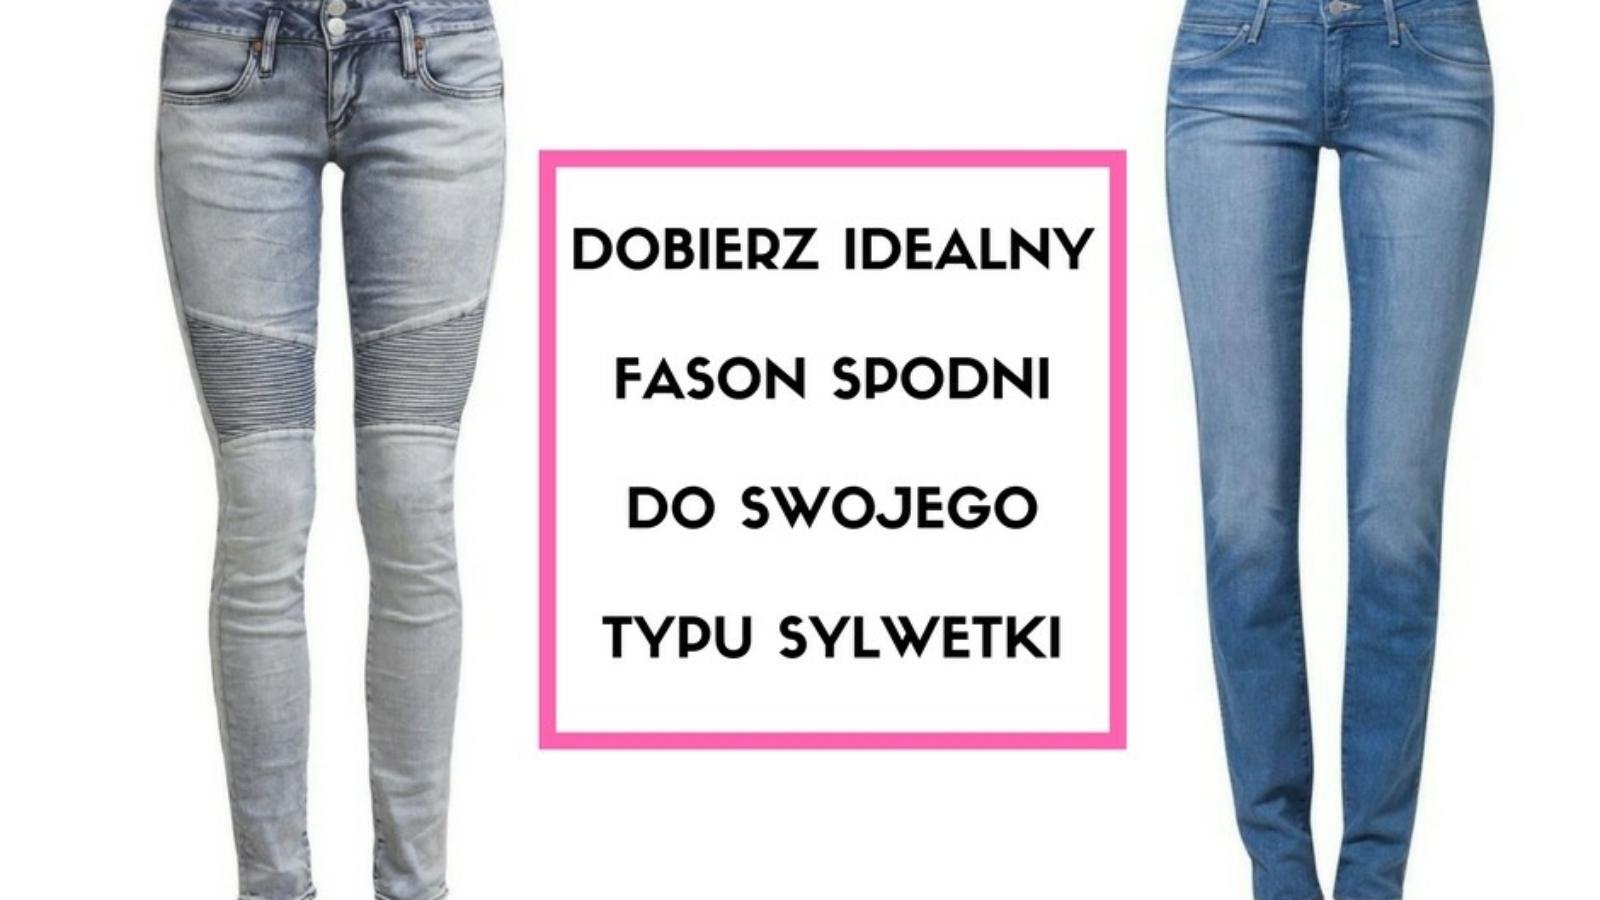 DOBIERZ-FASON-SPODNIDO-SWOJEGOTYPU-SYLWETKI